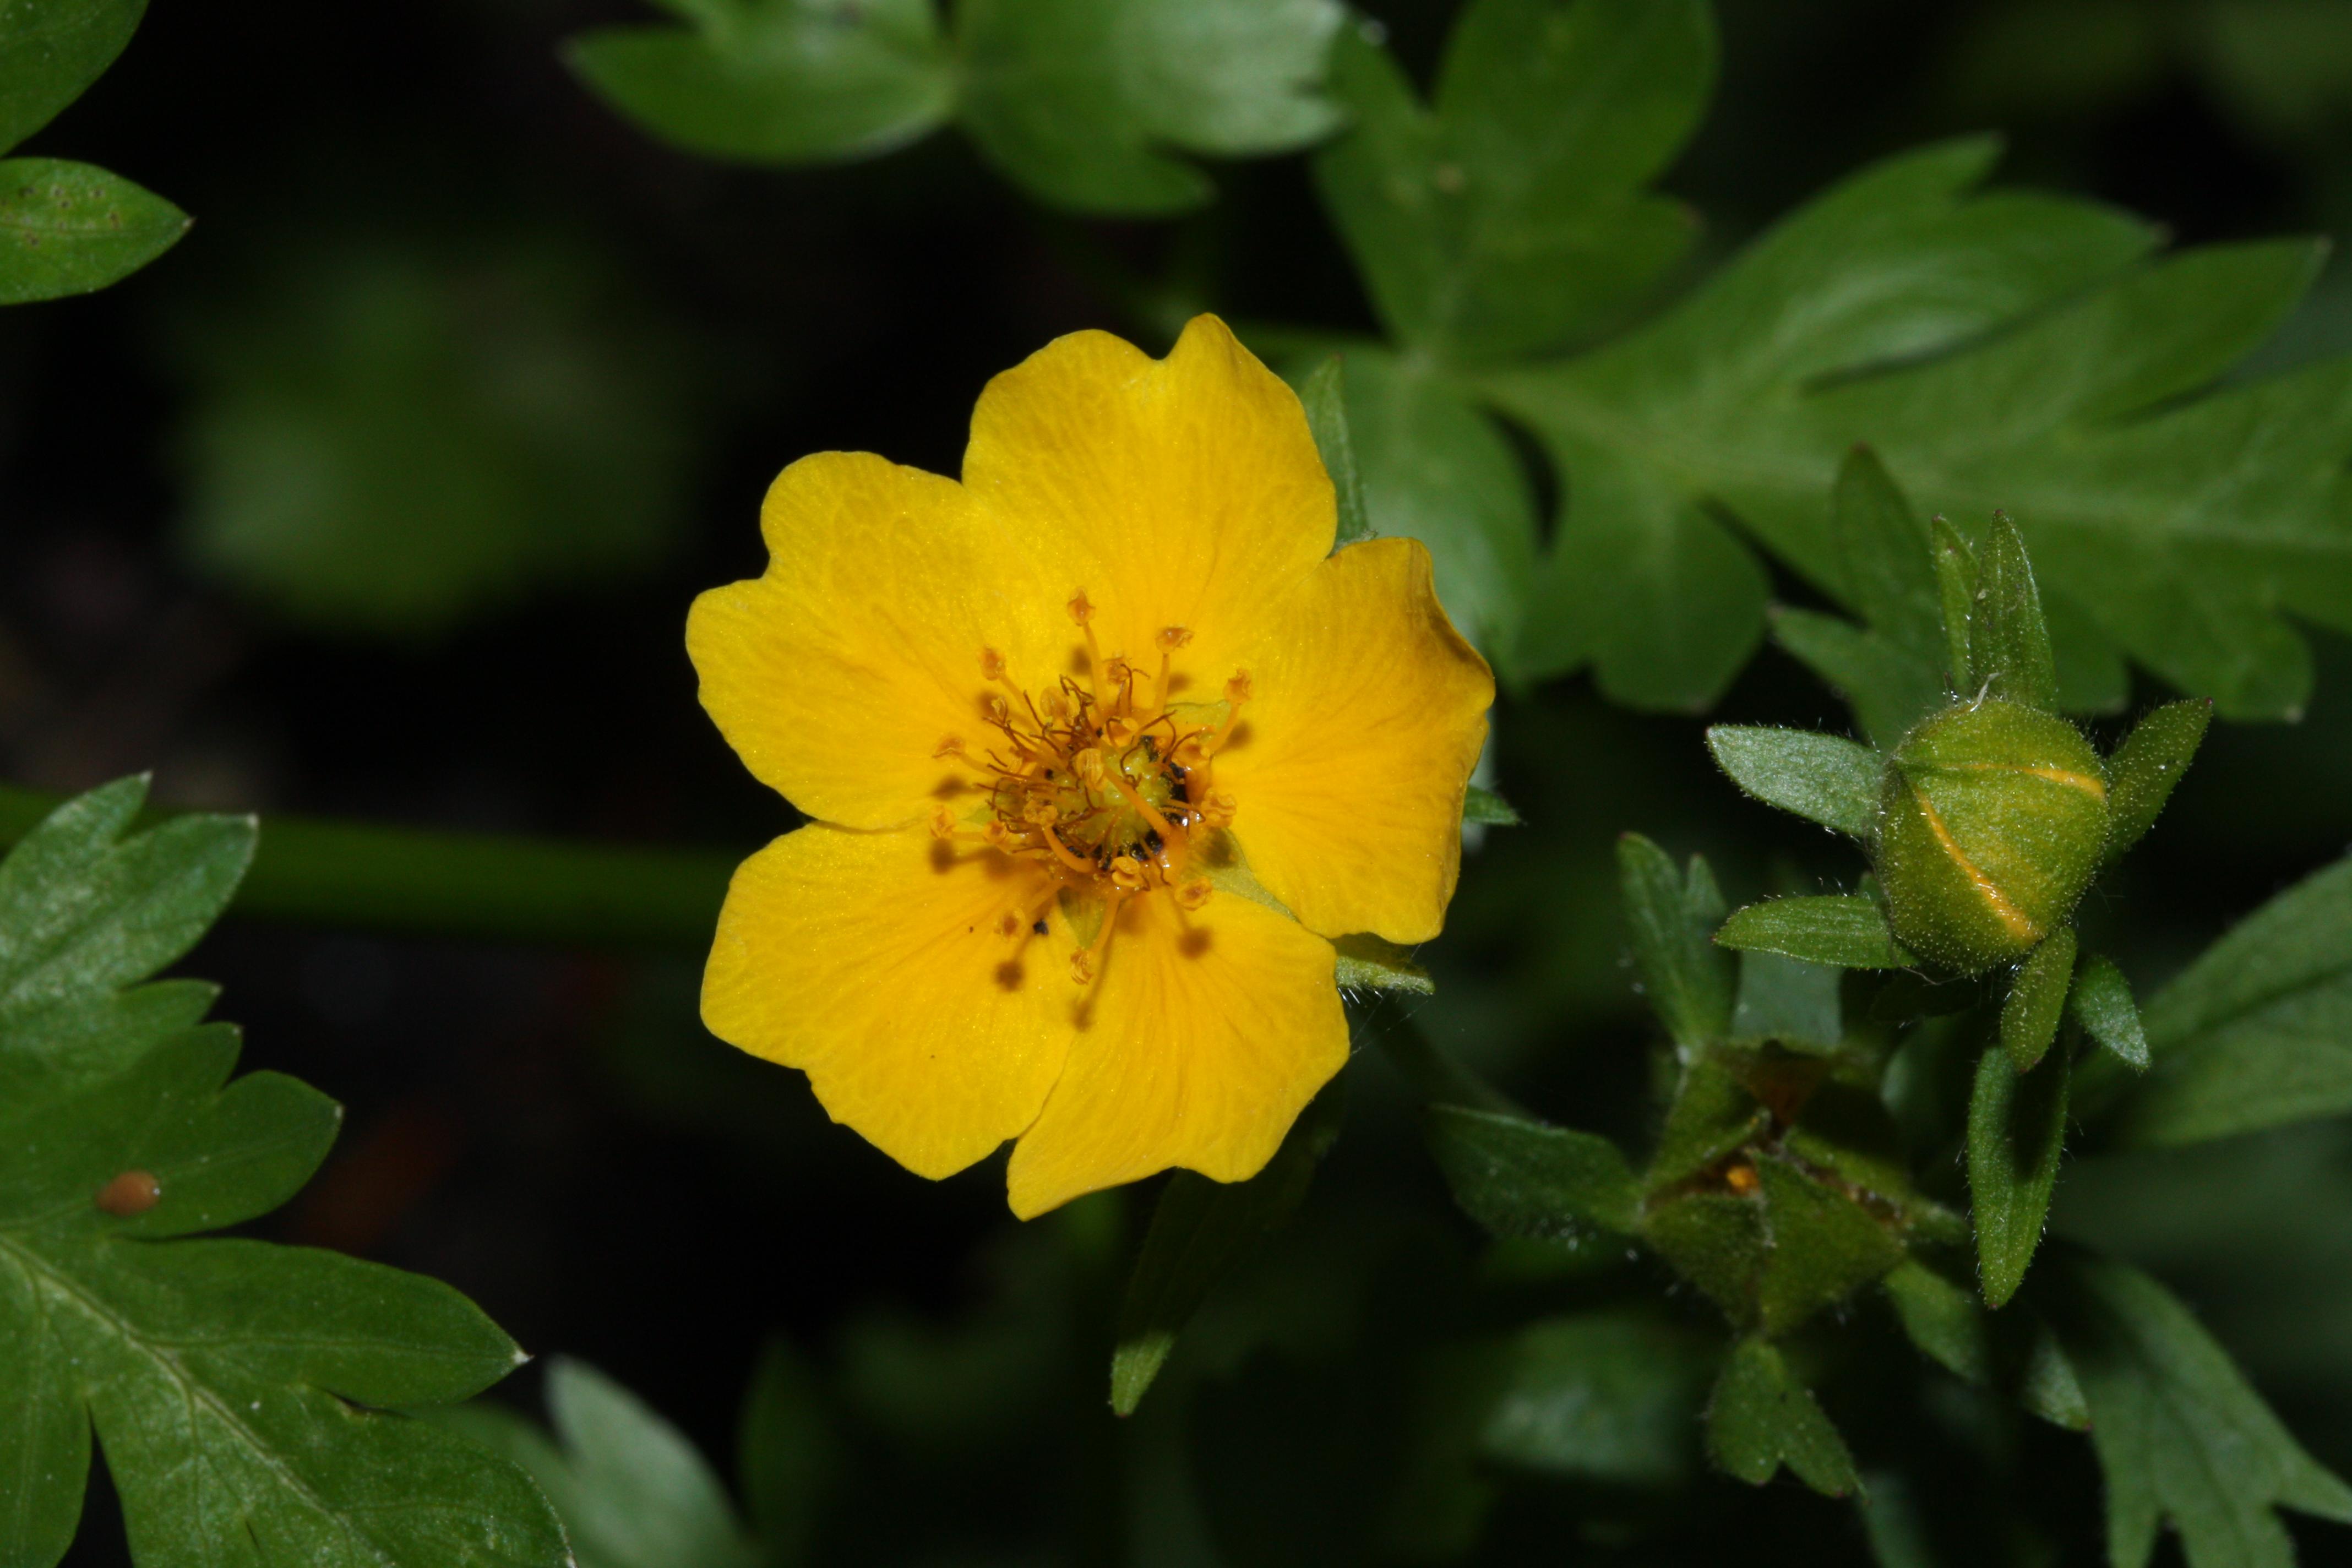 Ranunculus_eschscholtzii_7550.JPG (4272×2848)